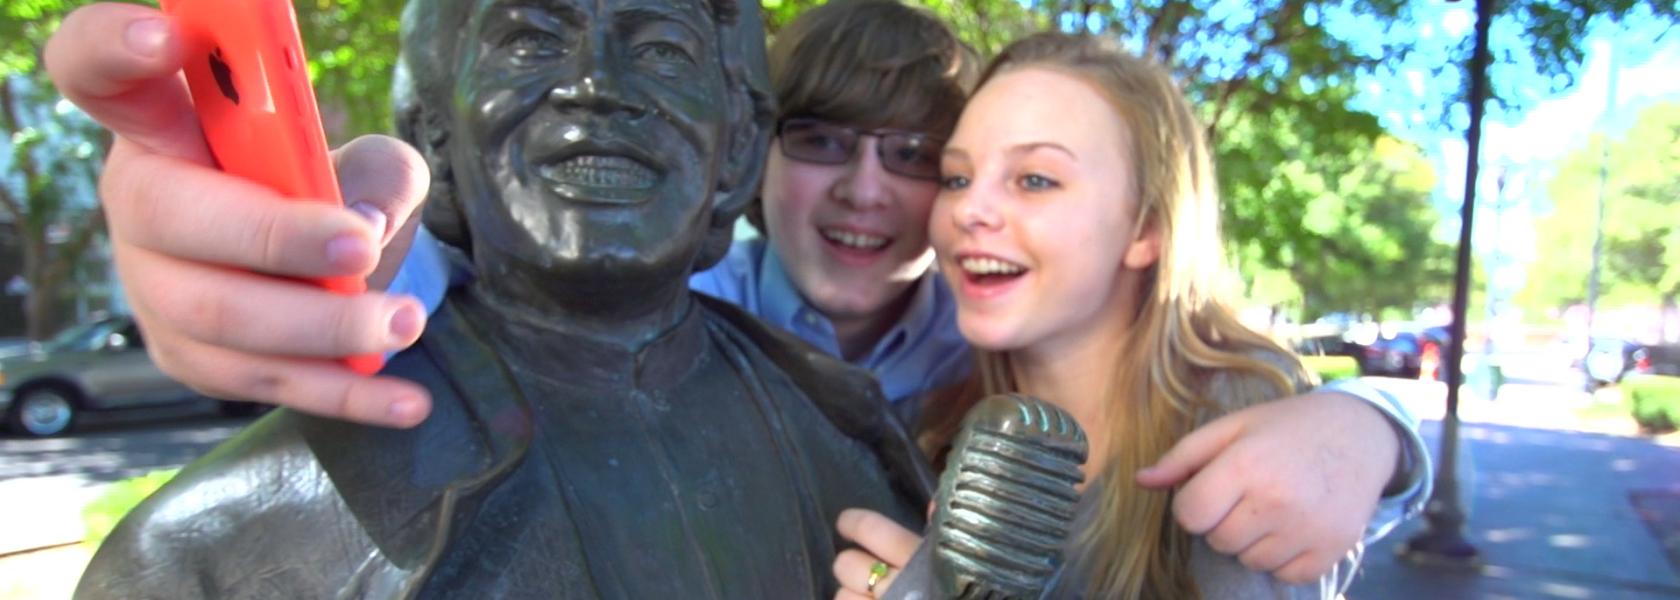 James brown selfie cropped